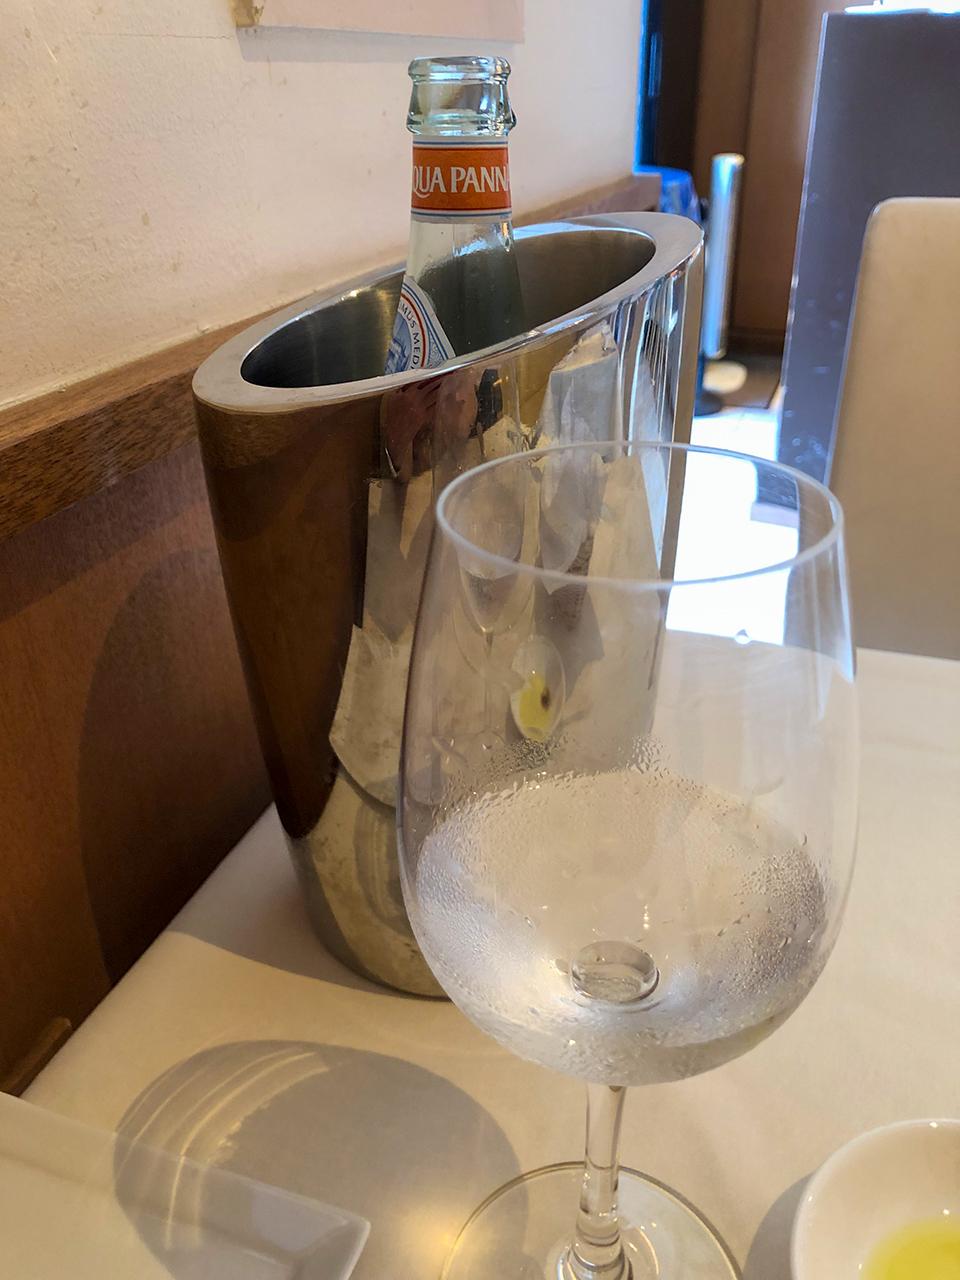 熱海テール・エ・メール(Terre et mer) のACQUA PANNA(アクアパンナ) 瓶